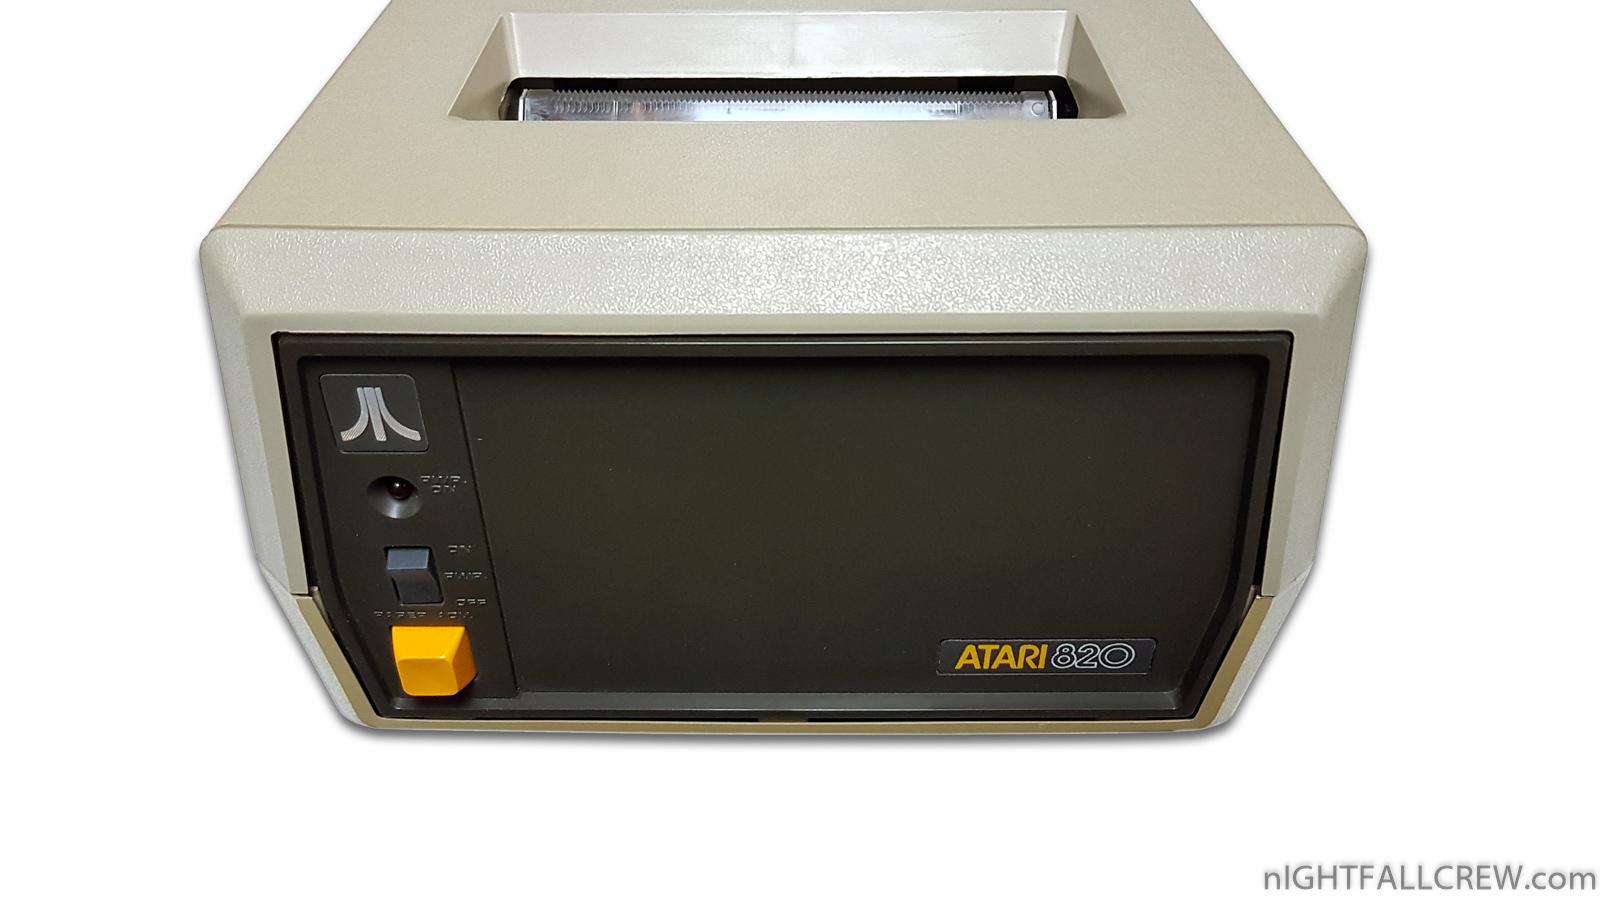 Nightfall Blog Part 11 Peak Atlas Esr 70 Incircuit Capacitor Tester Atari 820 Printer